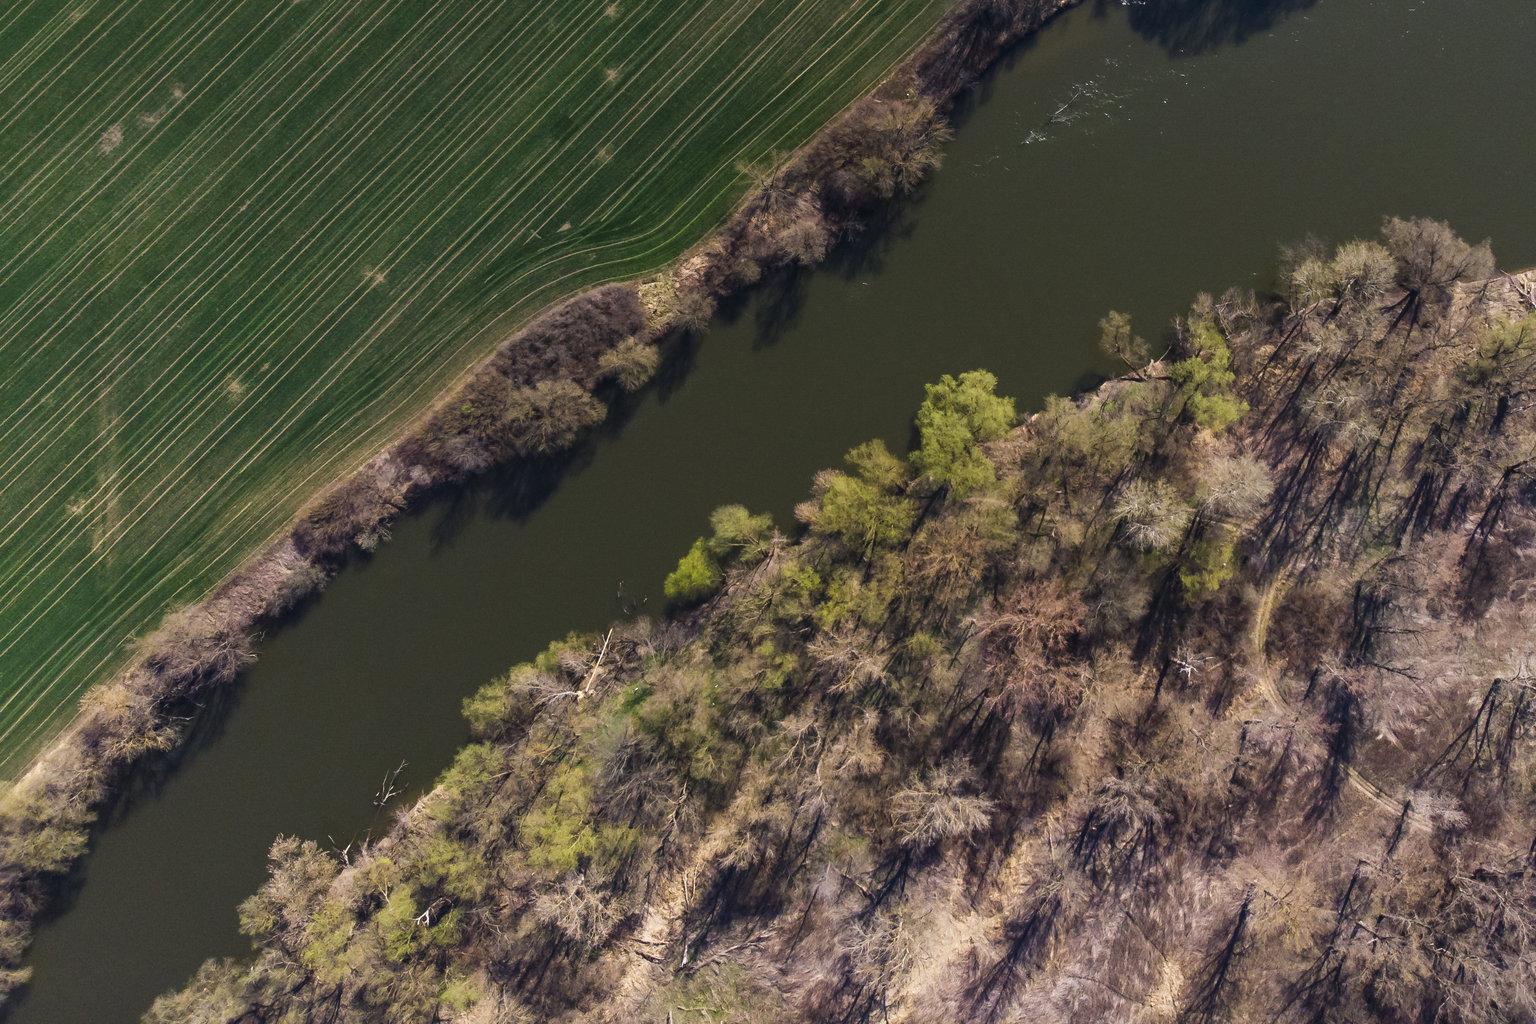 Murakeresztúr, 2019. március 21. A Mura kanyarulata Murakeresztúrnál 2019. március 21-én. Az ENSZ március 22-ét nyilvánította a víz világnapjává, amelynek célja a környezet és ezen belül a Föld vízkészletének védelme. MTI/Varga György